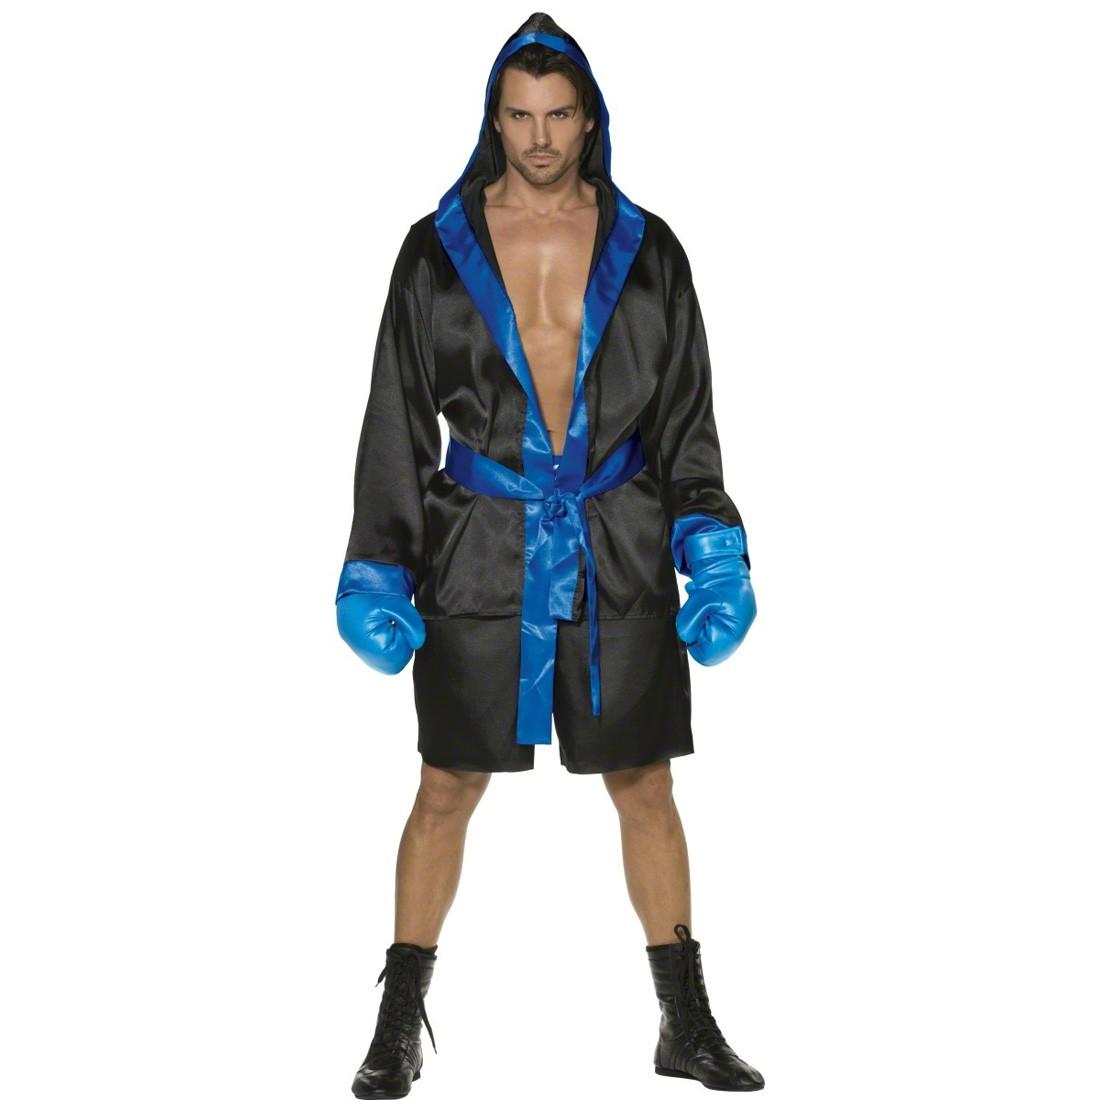 boxer kost m schwarz blau m 48 50 ringer kost mset 44 99. Black Bedroom Furniture Sets. Home Design Ideas